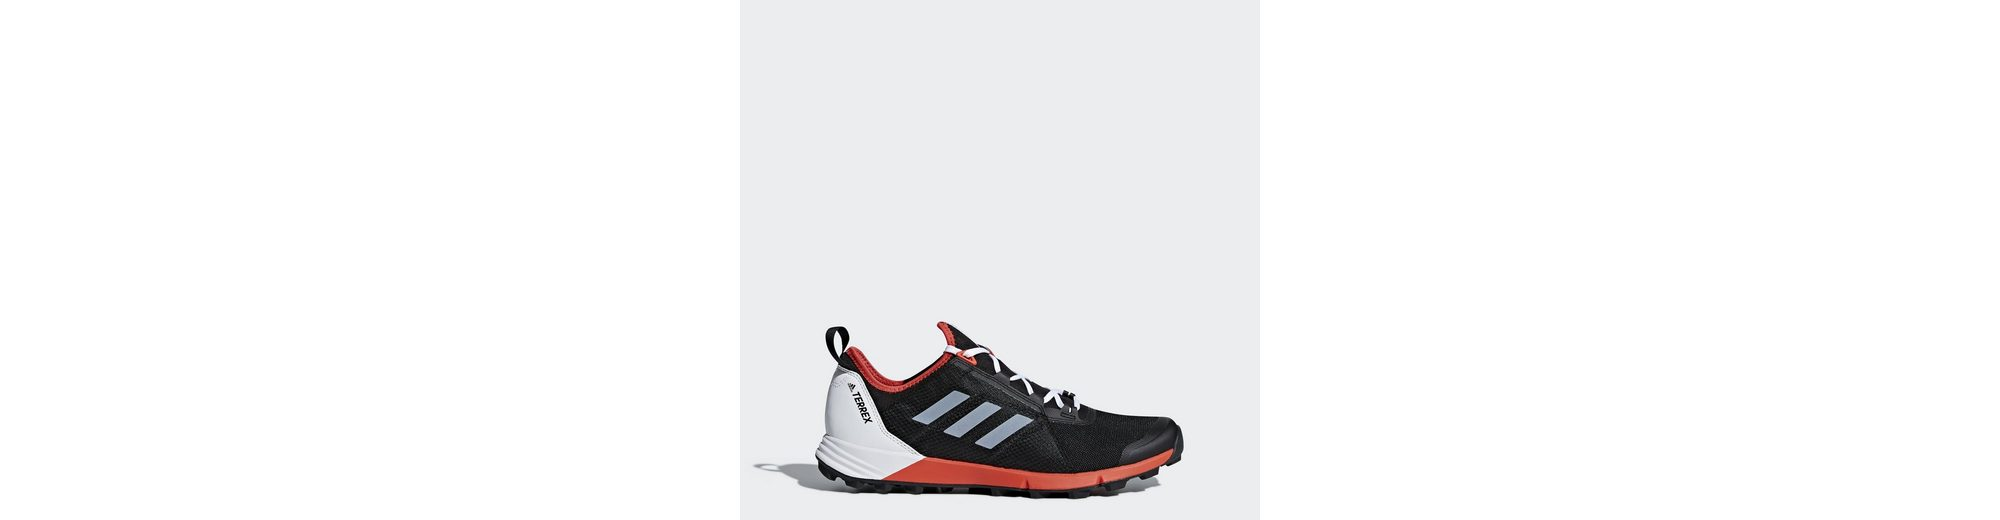 adidas Performance TERREX Agravic Speed Schuh Outdoorschuh Verkauf Mit Paypal Ausgang Wählen Eine Beste Billig Verkauf Kosten ah1CYL8